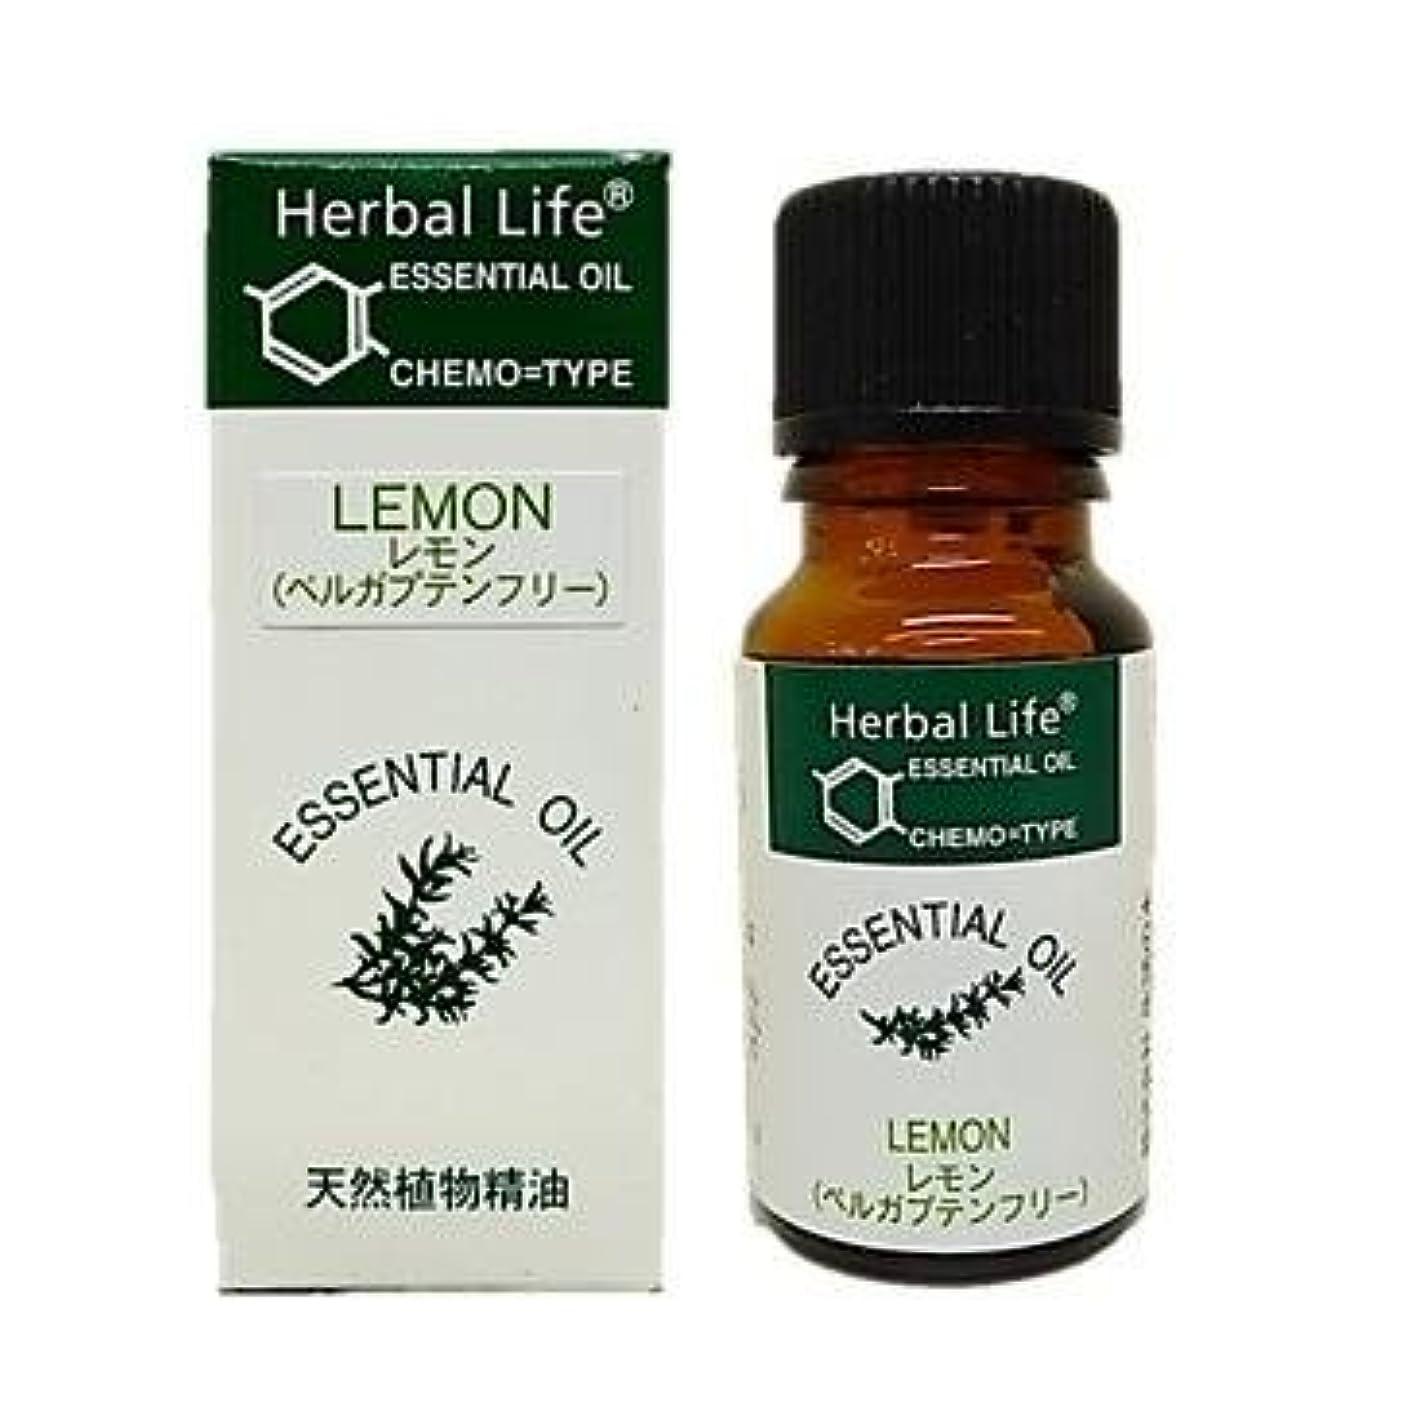 ホバーシャトル耐えられない生活の木 レモン(フロクマリンフリー)10ml エッセンシャルオイル/精油